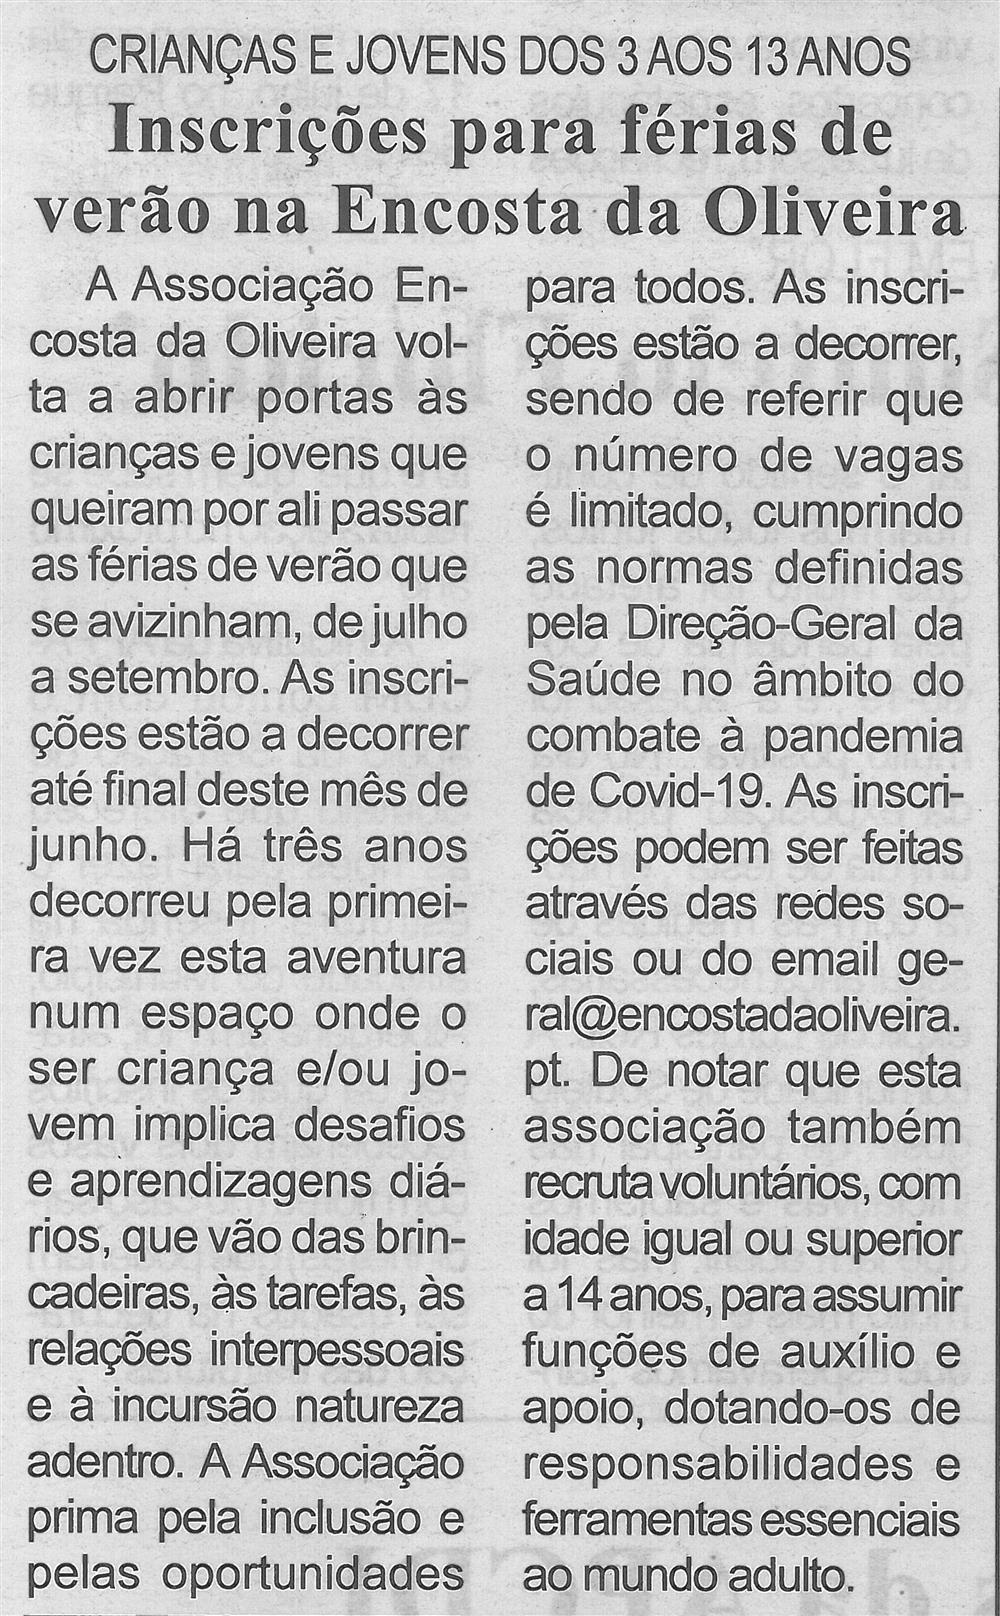 BV-2.ªjun.'21-p.7-Inscrições para férias de verão na Encosta da Oliveira : crianças e jovens dos 3 aos 13 anos.jpg